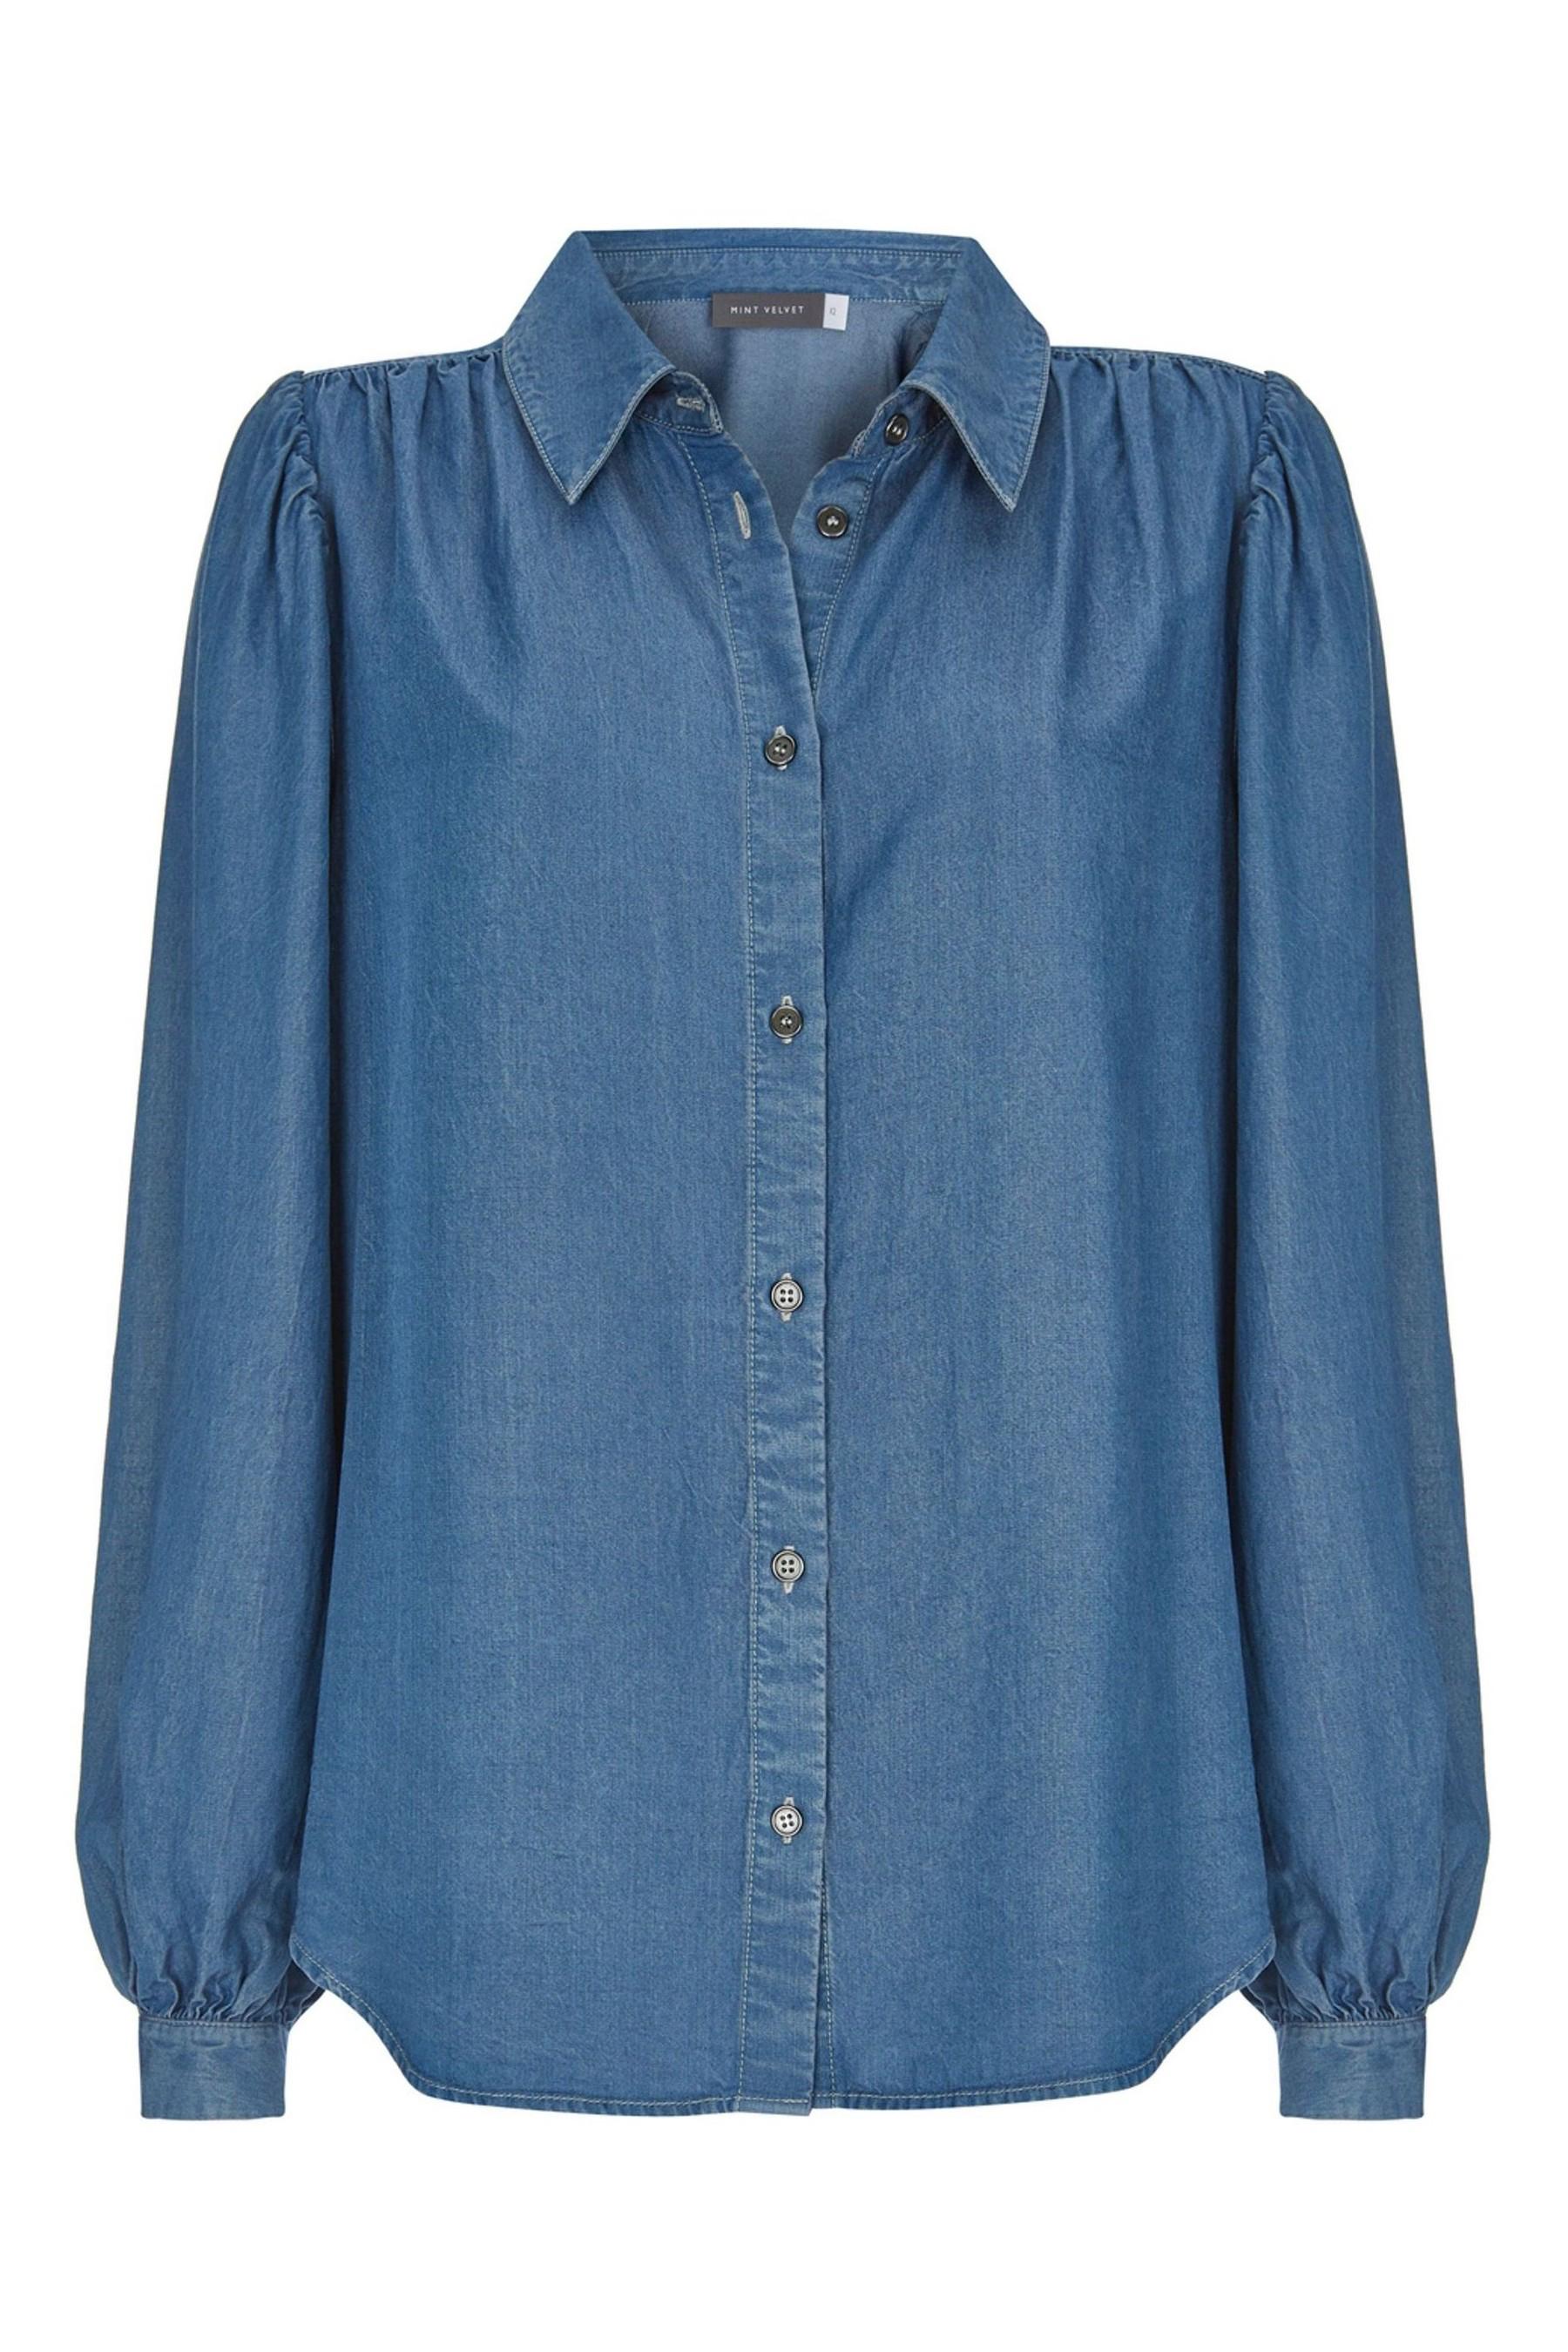 Demin full sleeve shirt Mint Velvet £79